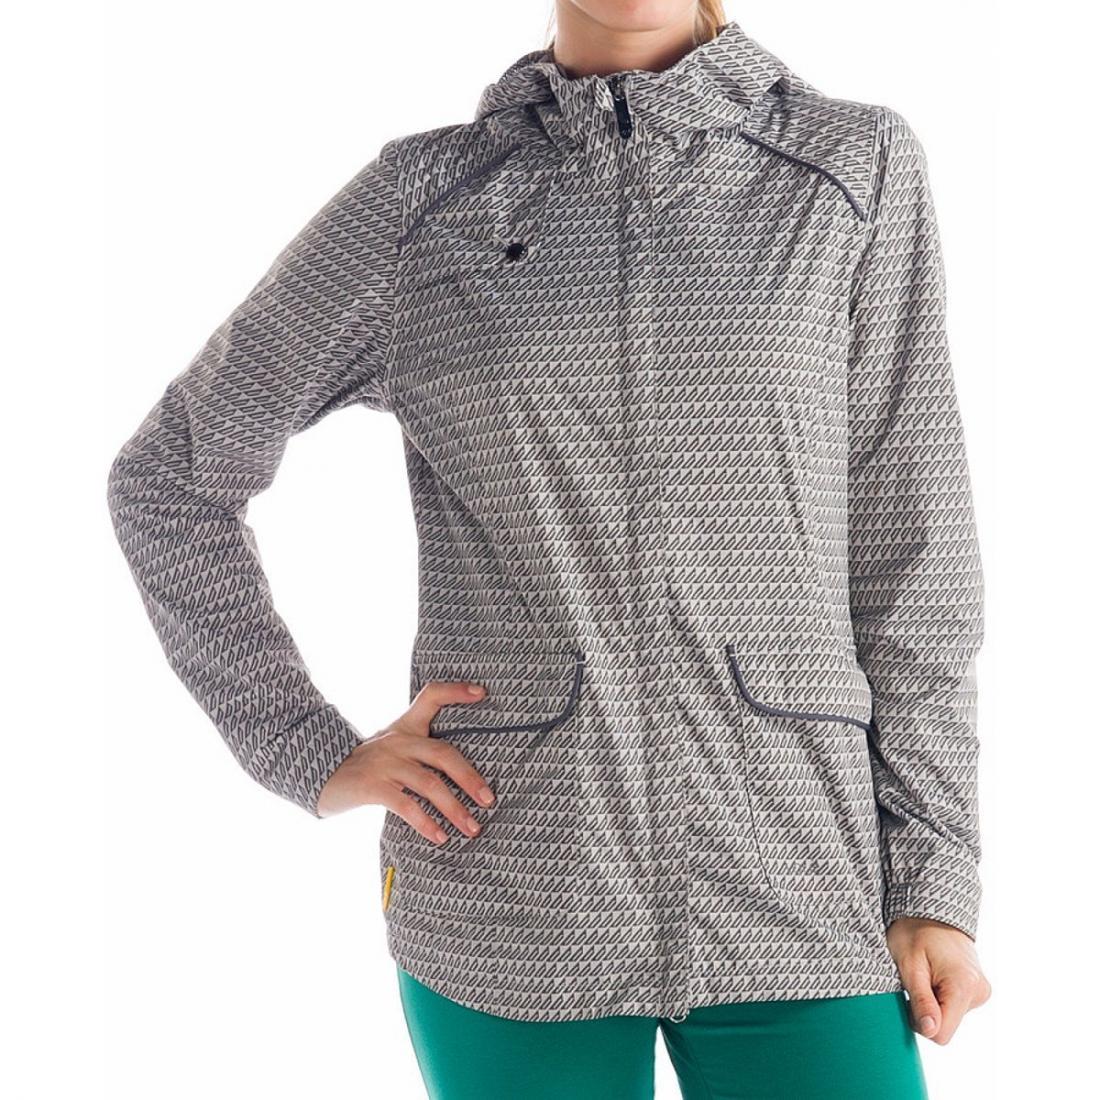 Куртка LUW0229 CAMDEN JACKETКуртки<br>CAMDEN JACKET – легкая женская куртка с капюшоном, которая может использоваться как ветровка, часть спортивной экипировки  или в качестве повседневной одежды. Модель выполнена из легкой, необыкновенно ноской, дышащей и водонепроницаемой ткани.<br><br>&lt;...<br><br>Цвет: Серый<br>Размер: S